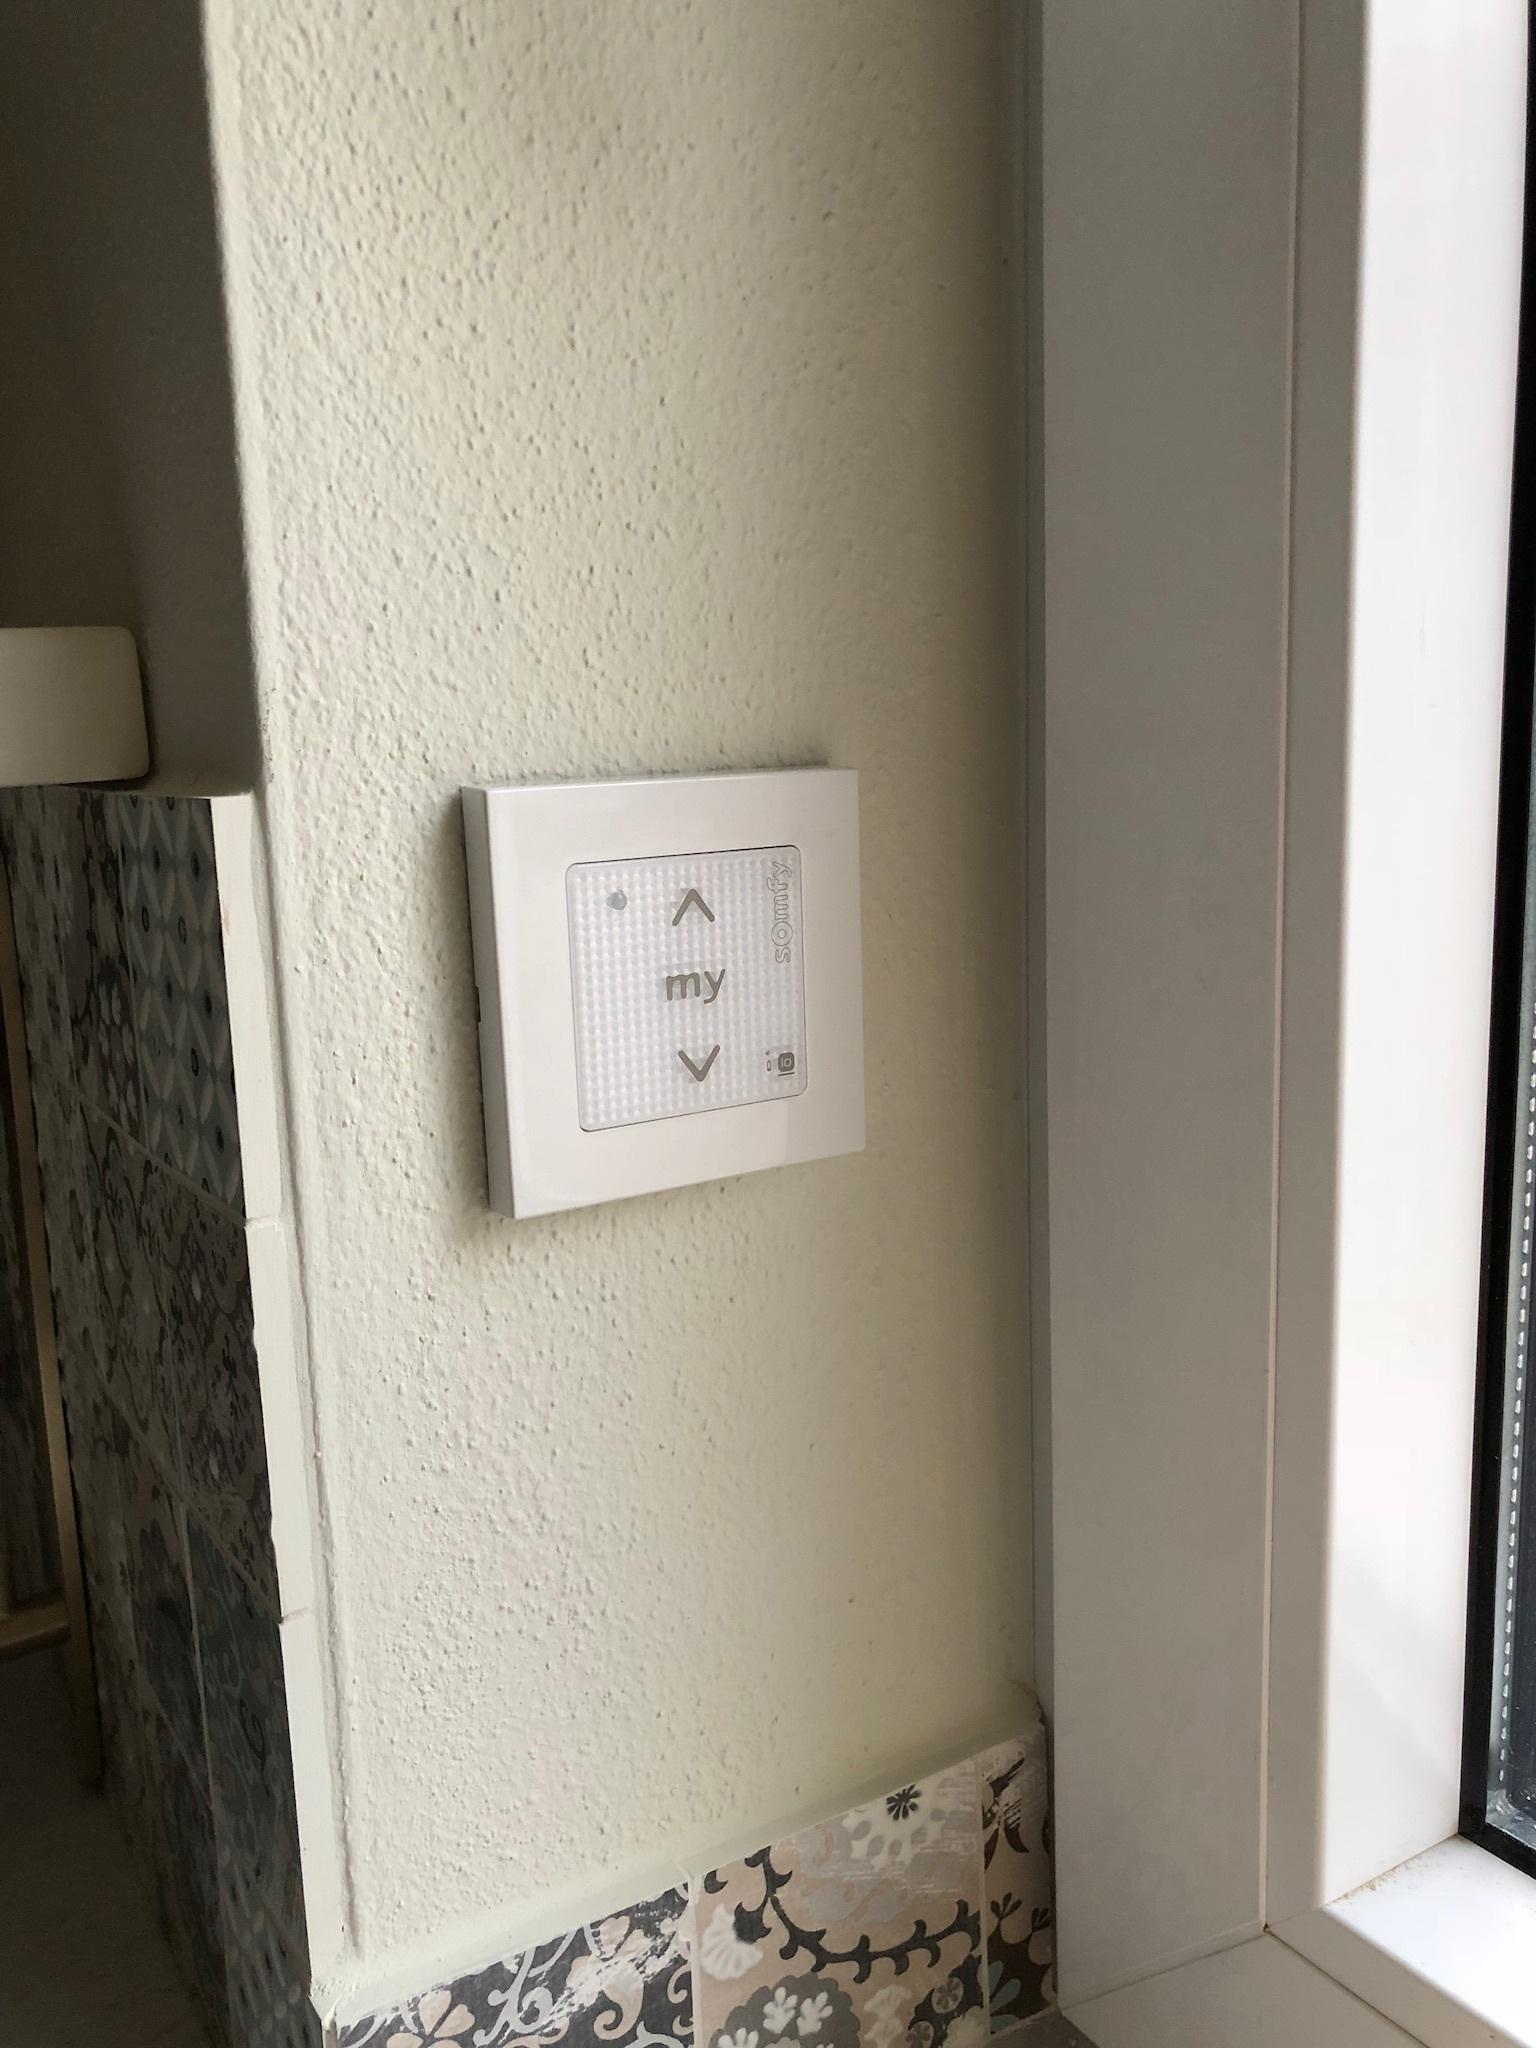 manuelle rolladen gegen elektrische tauschen smart home welt homee community. Black Bedroom Furniture Sets. Home Design Ideas